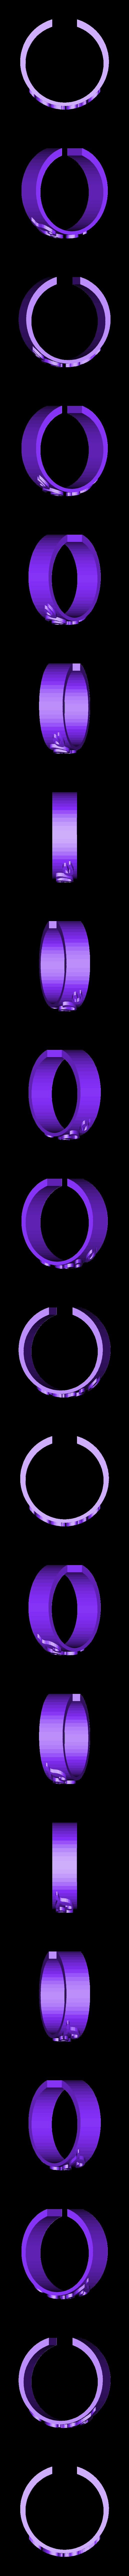 anillo abierto 22.stl Télécharger fichier STL gratuit Anillo / Ring Love • Design pour impression 3D, amg3D